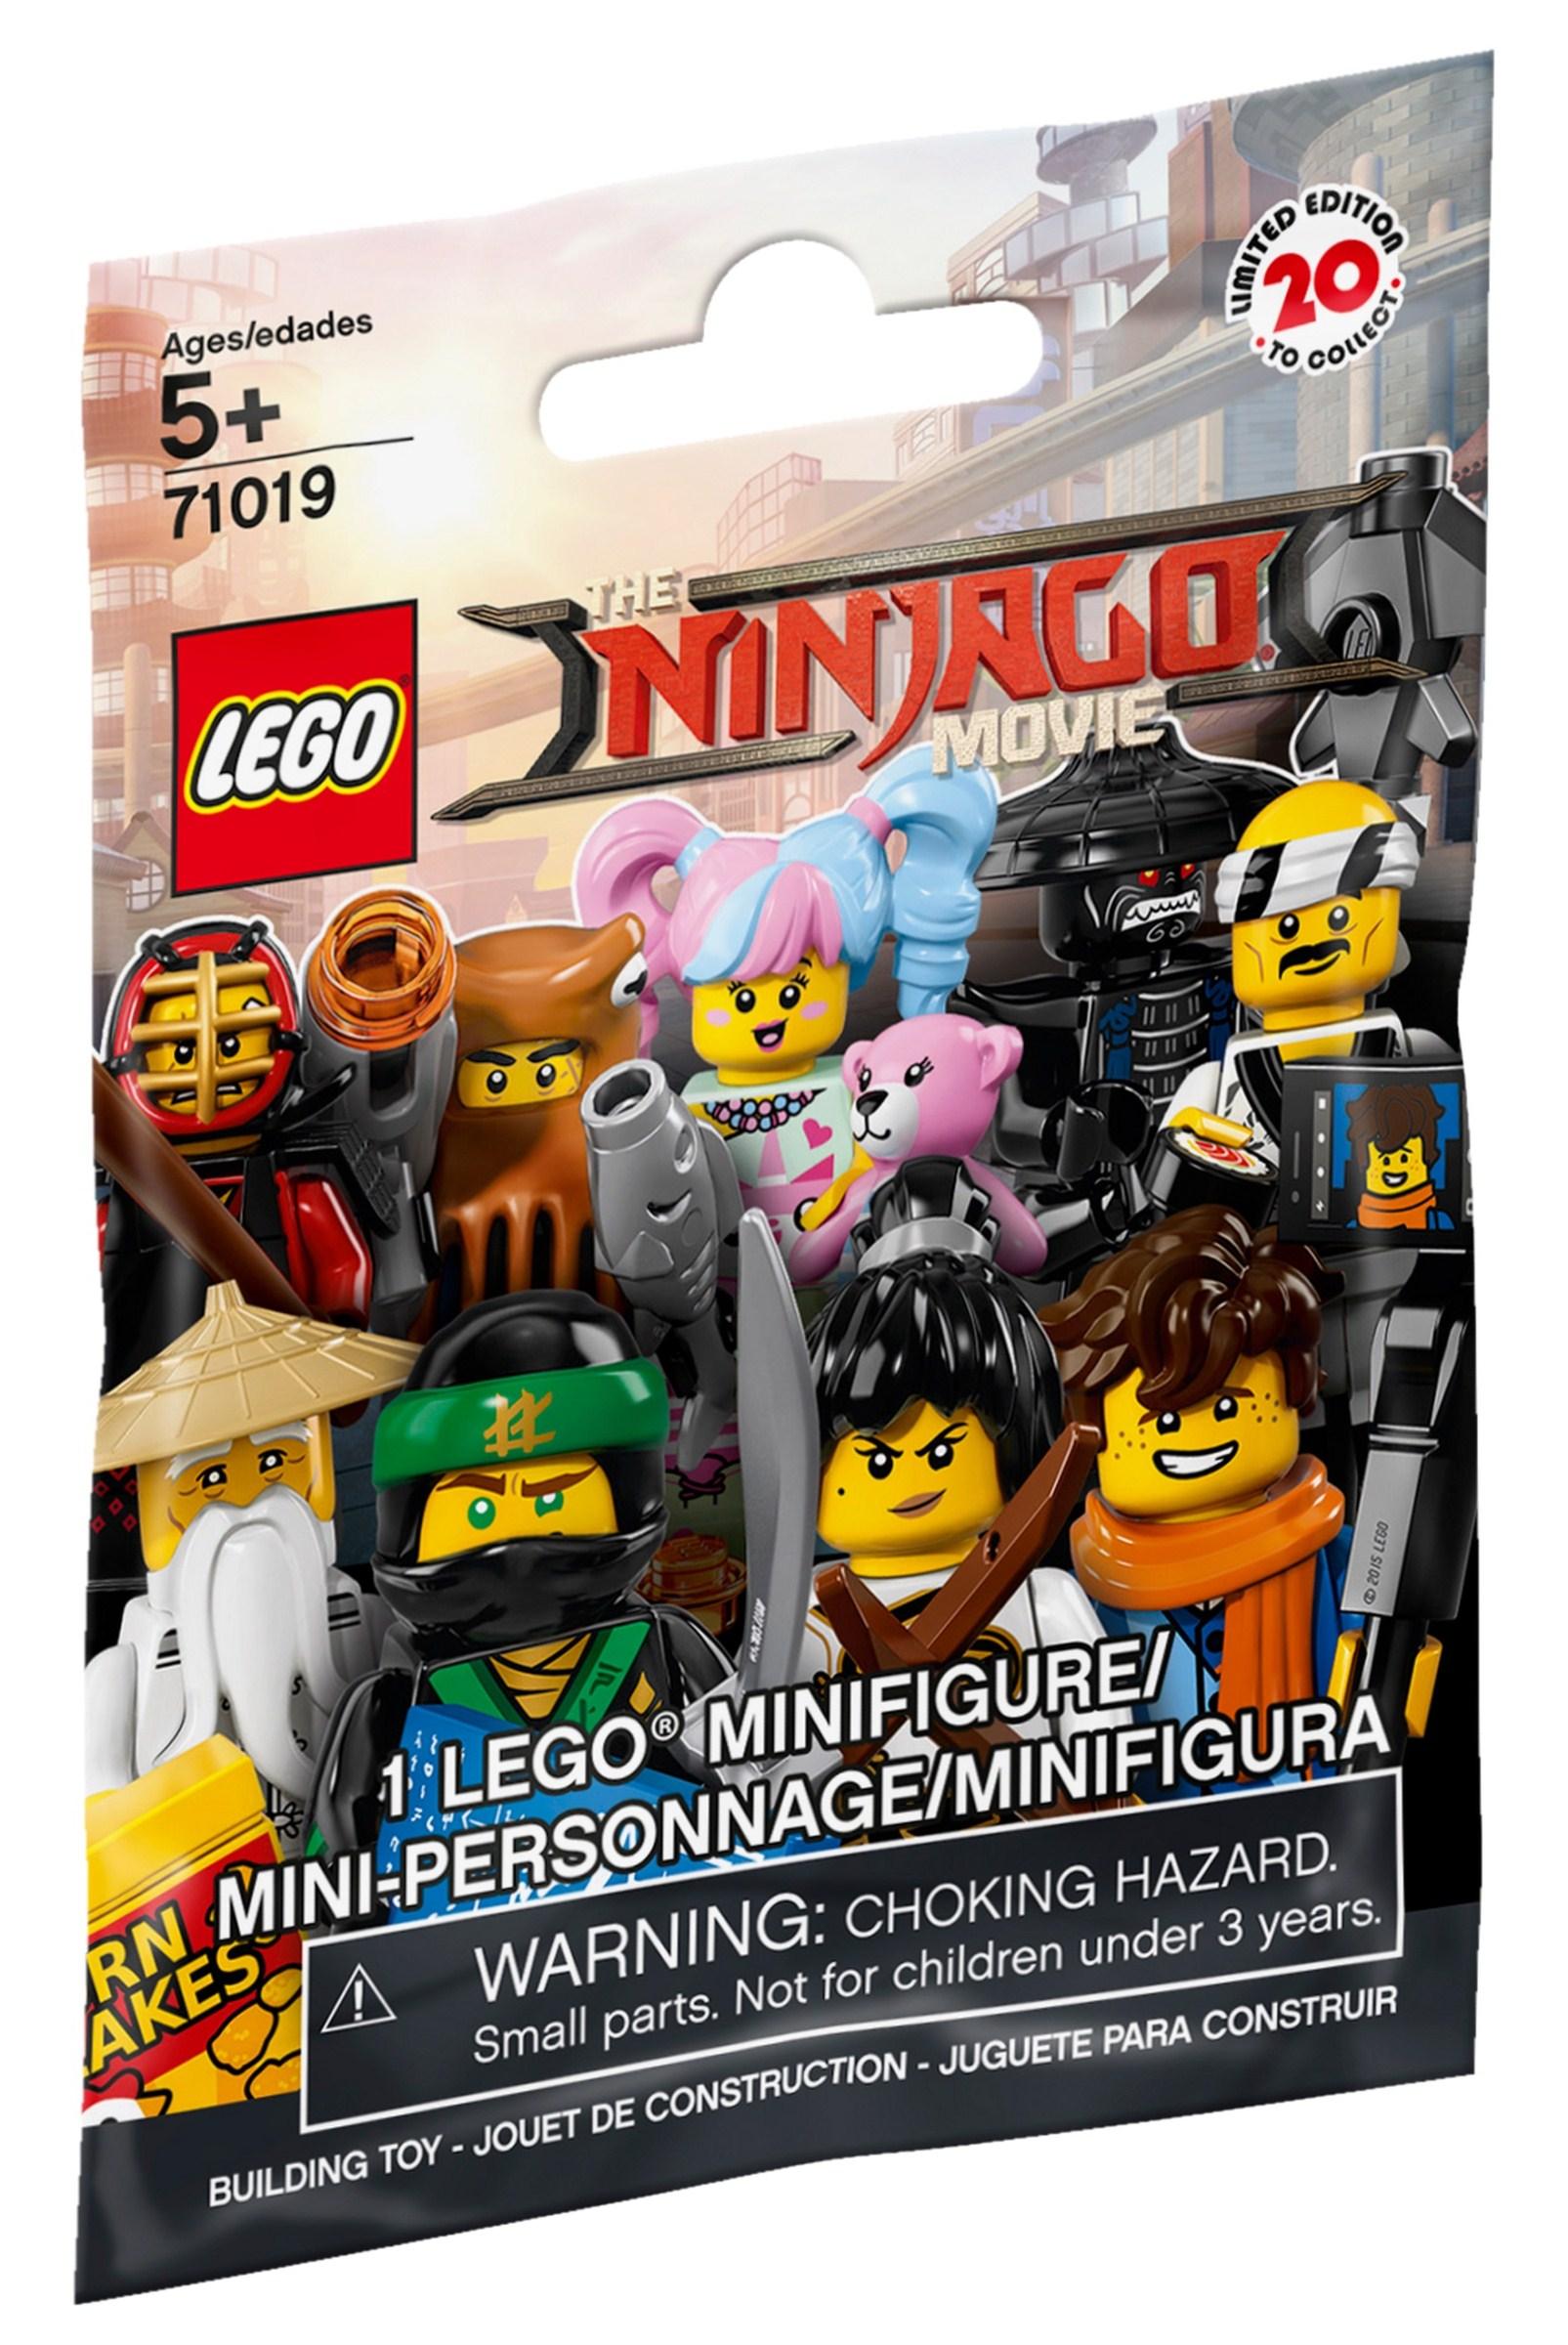 Collectable Minifigures The Lego Ninjago Movie Brickset Lego